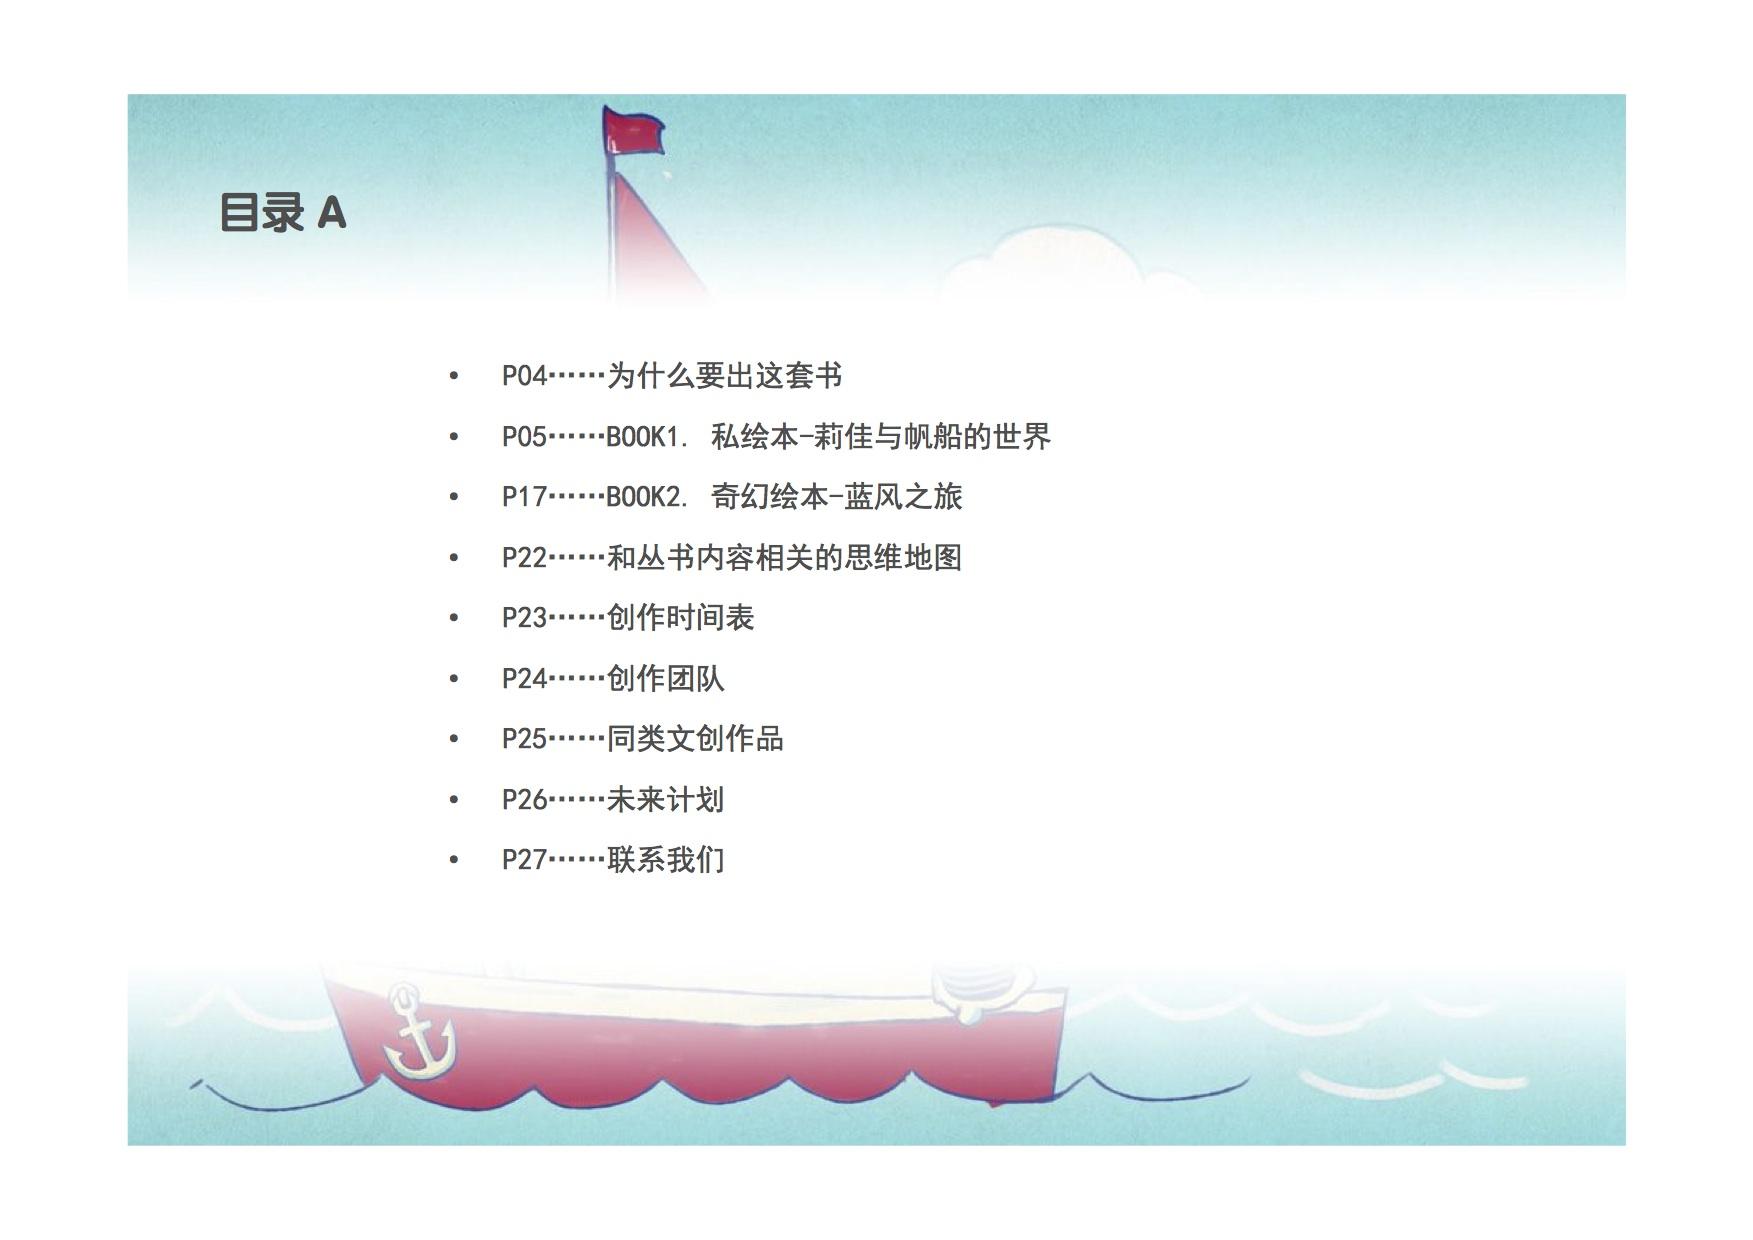 徐莉佳,帆船 一起来支持徐莉佳帆船漫画系列书 绘本帆船创作企划案3.jpg